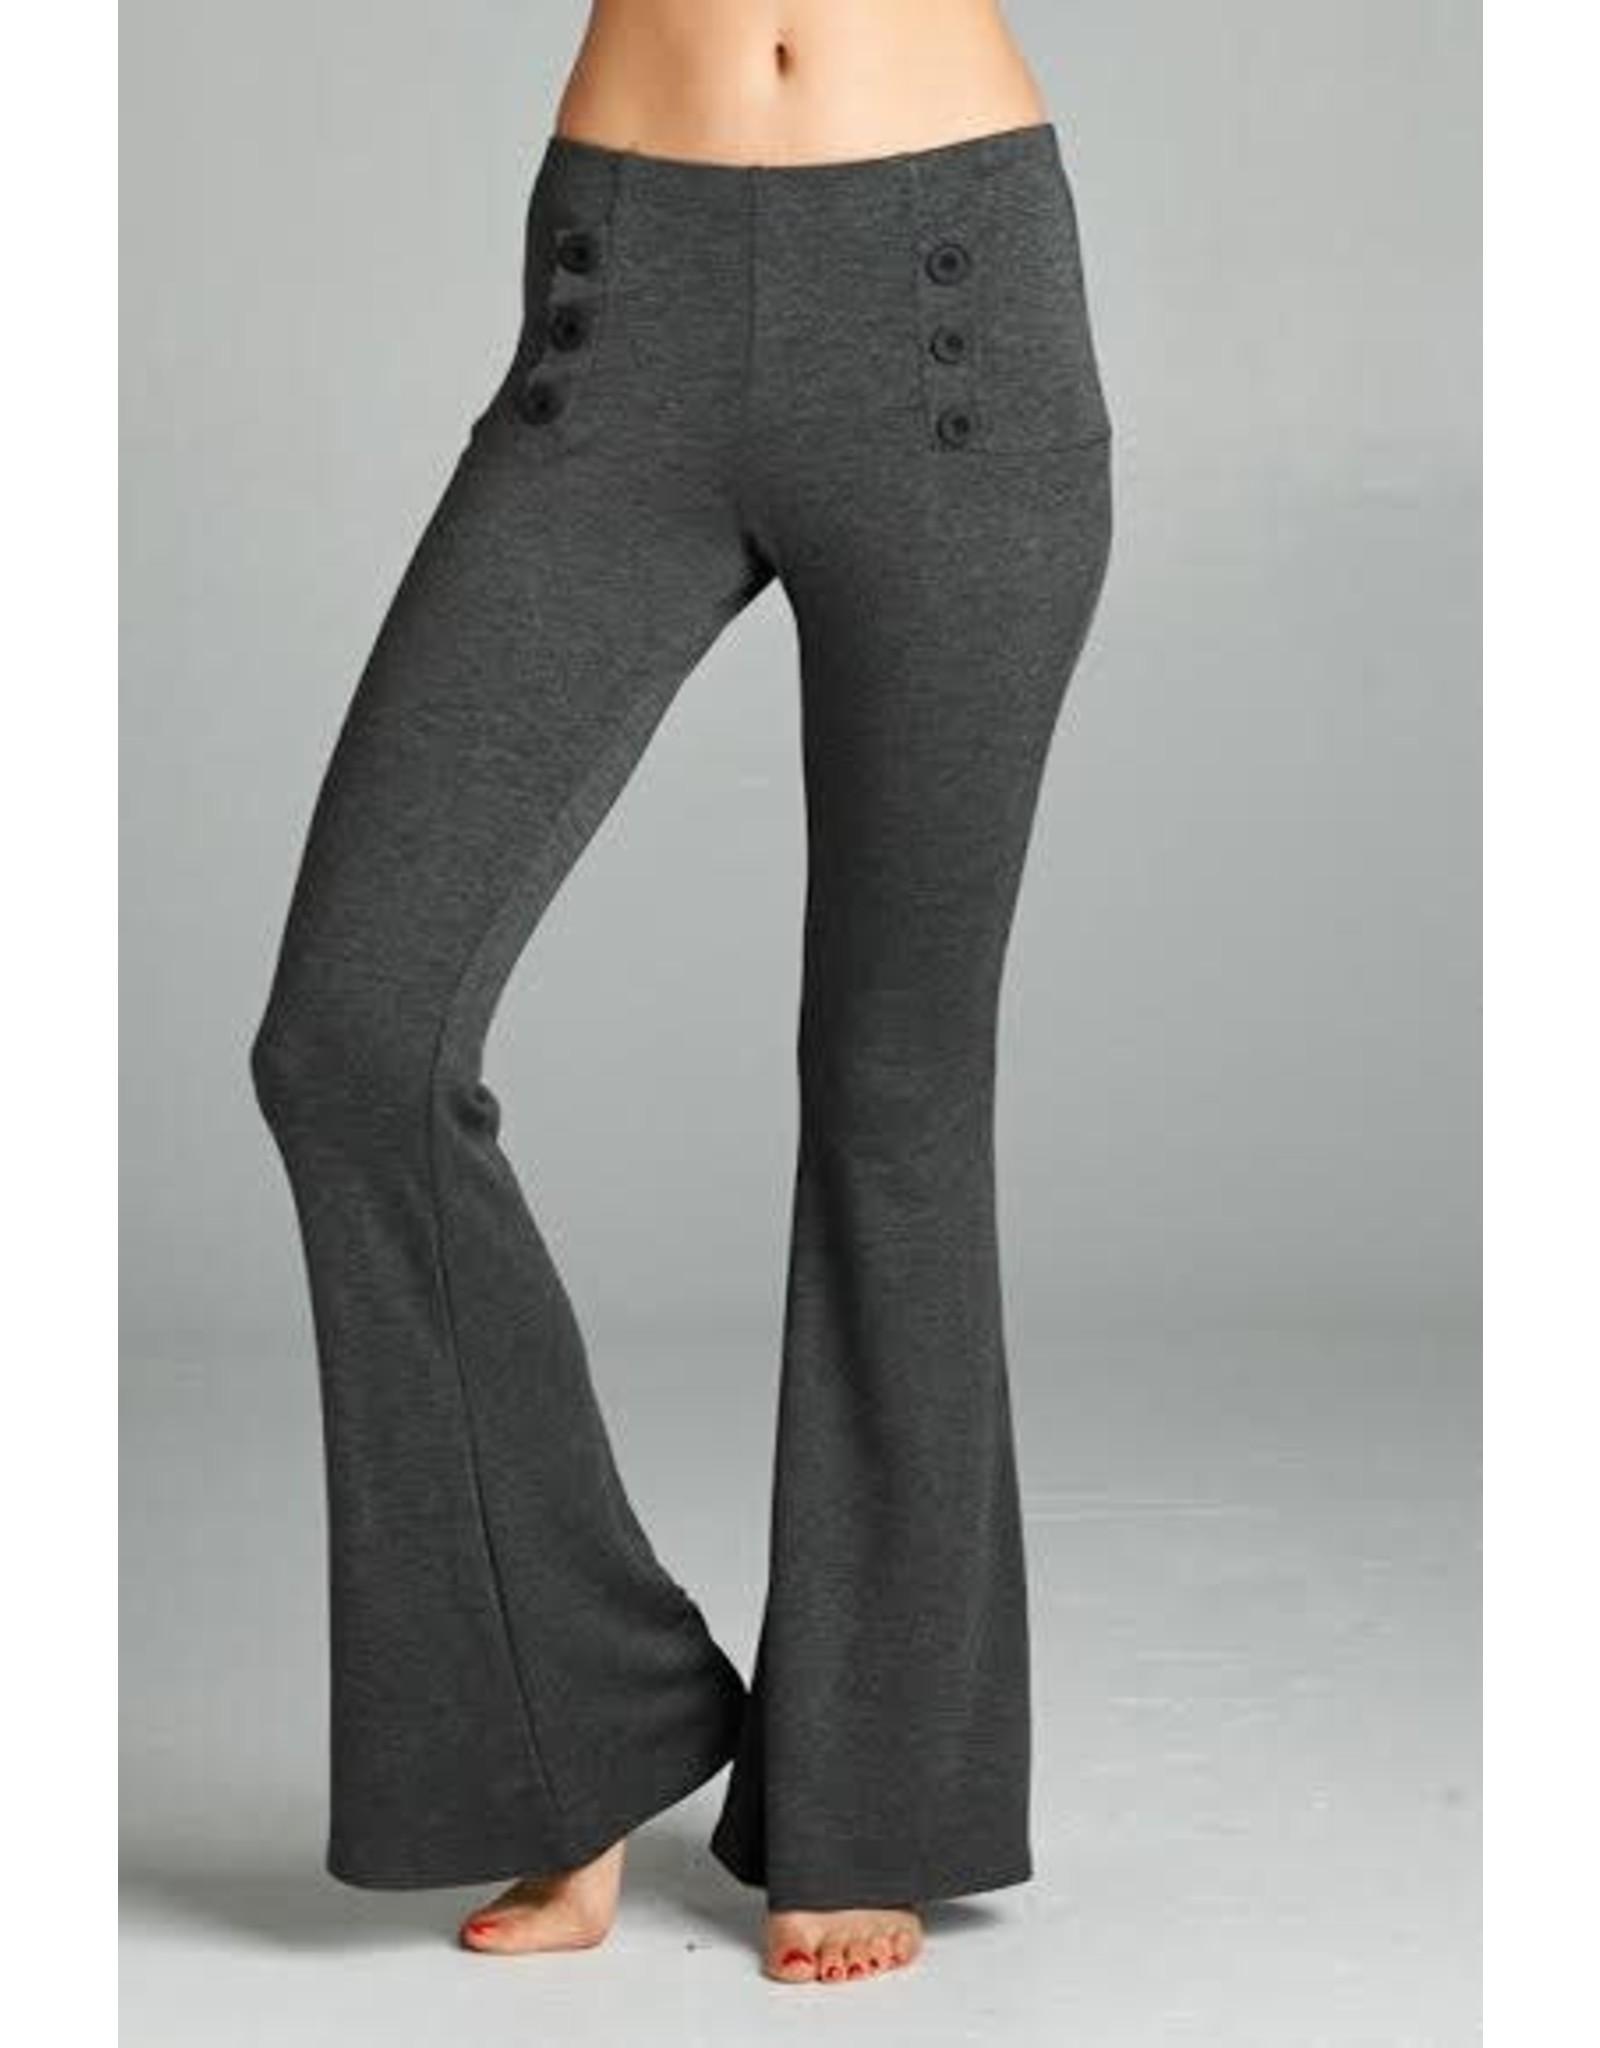 Decorative Button Pants